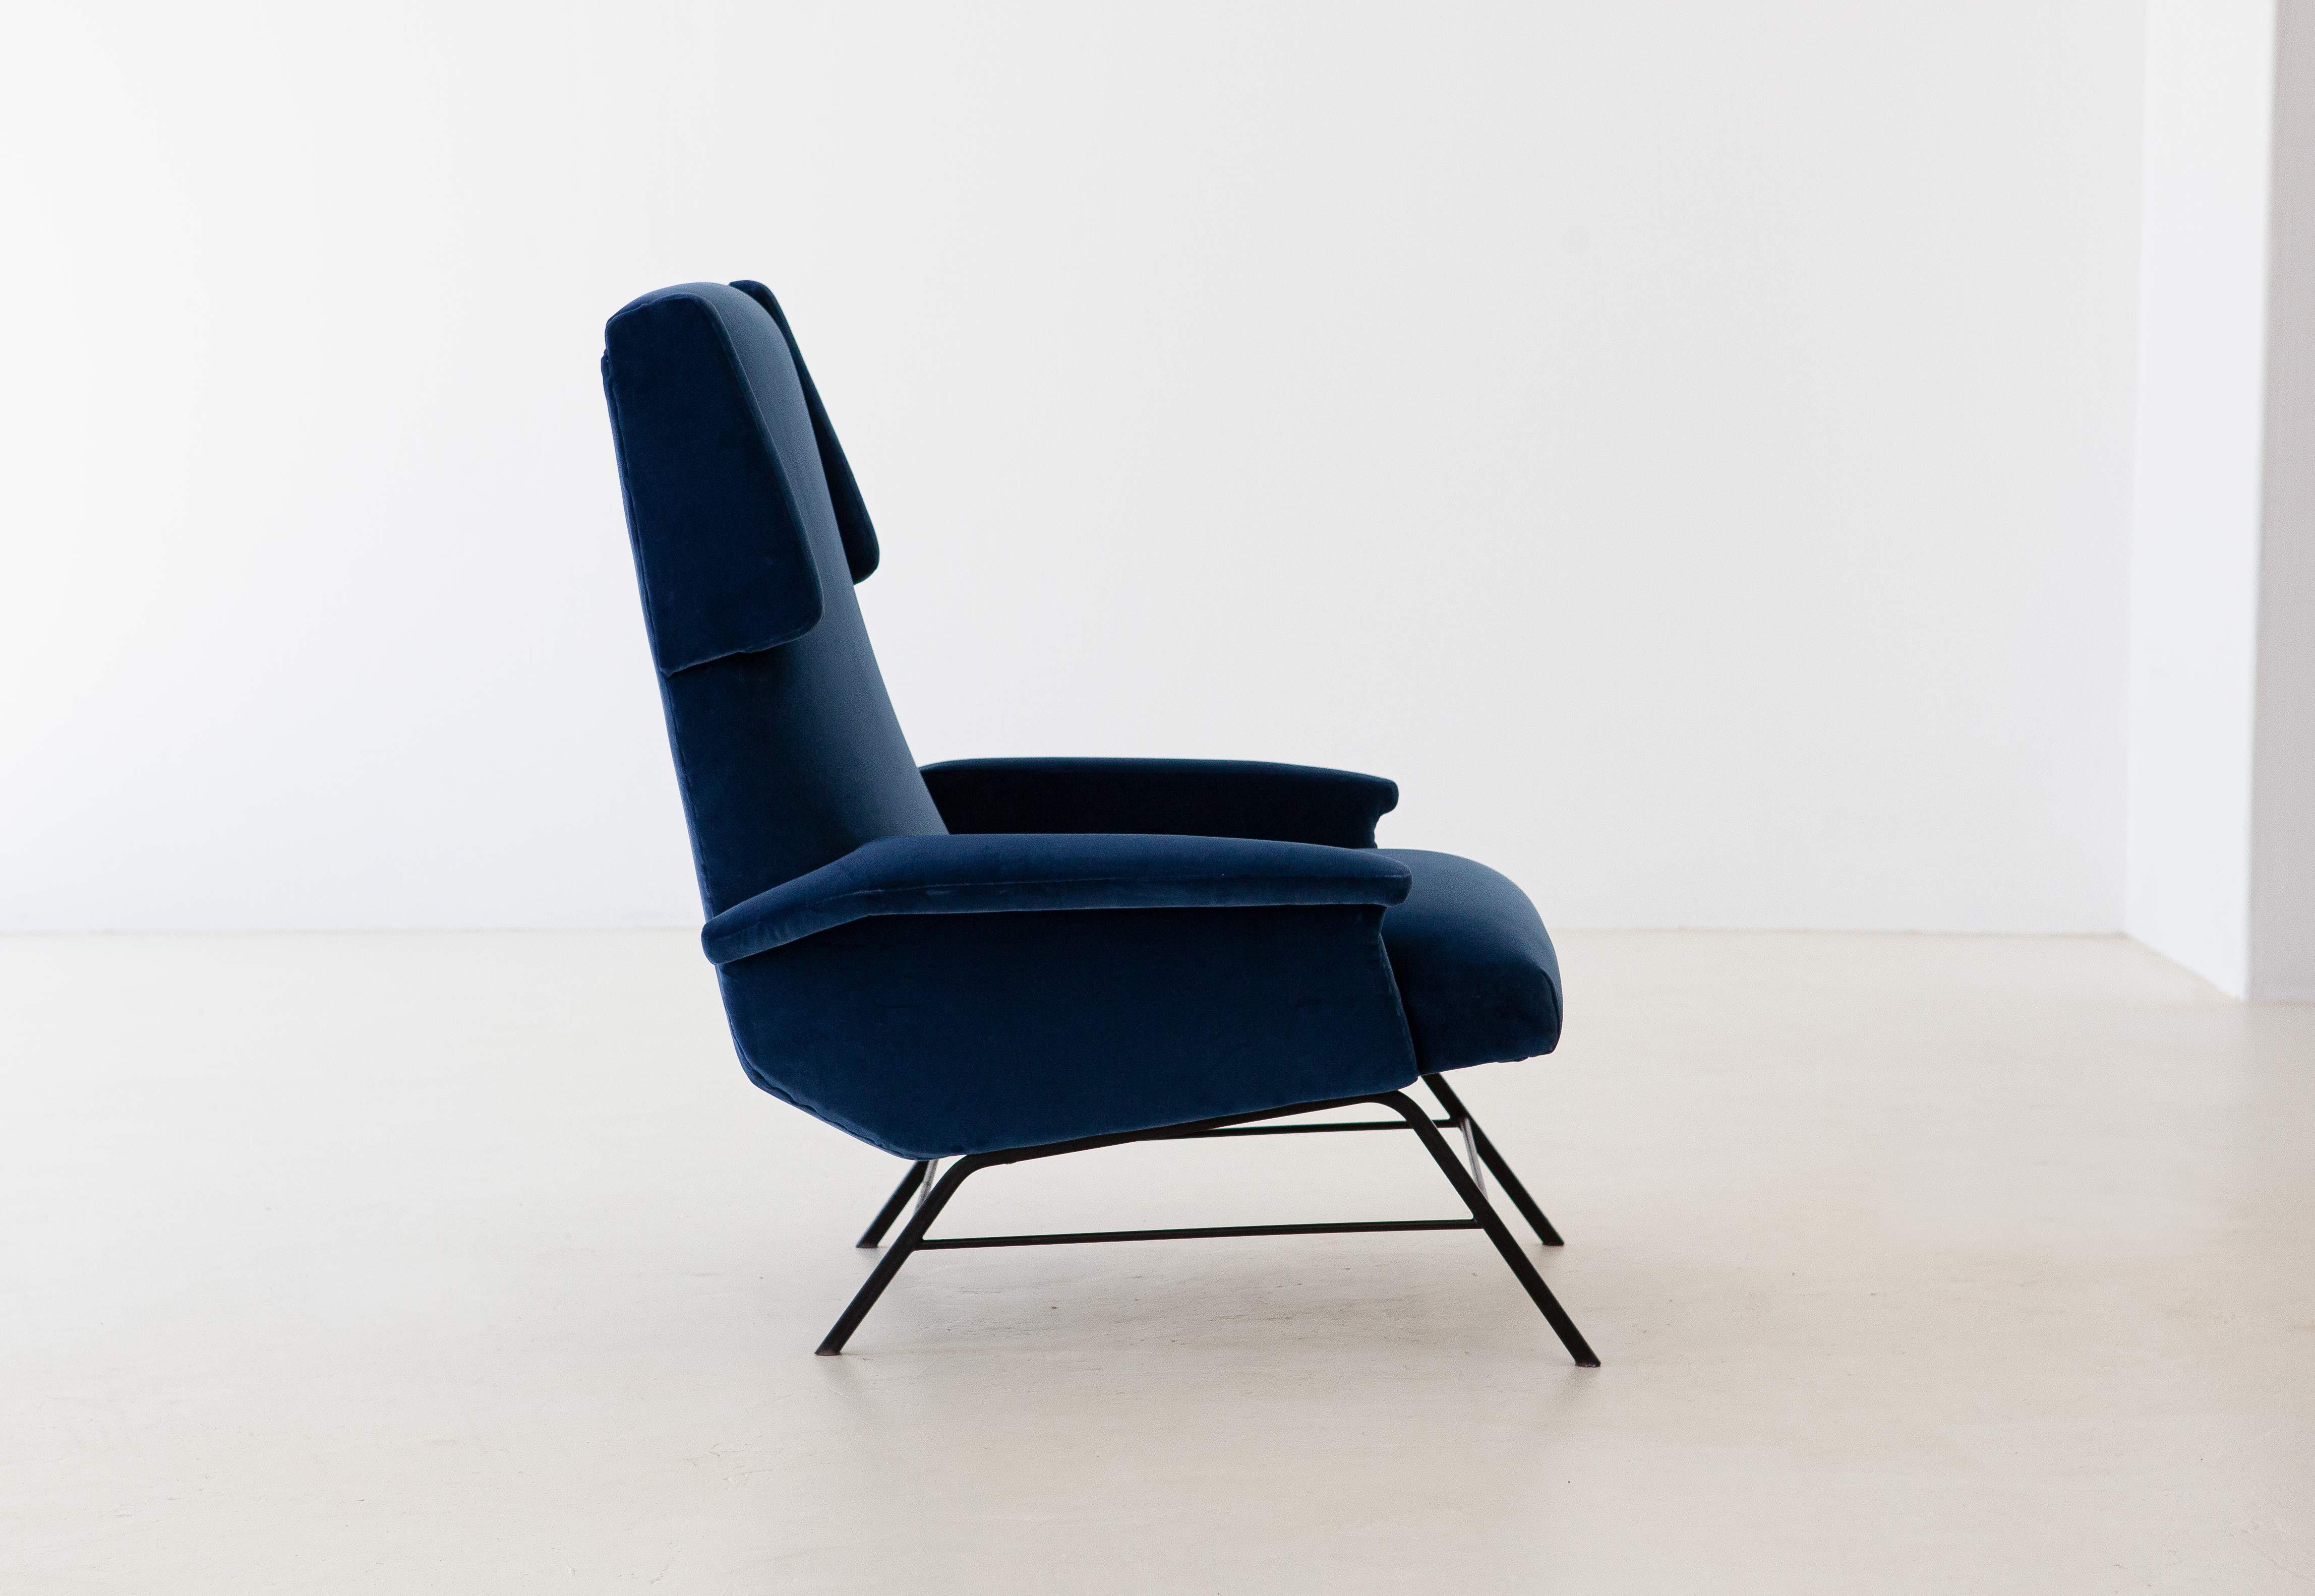 1950s-italian-blue-velvet-lounge-armchair-10-se304